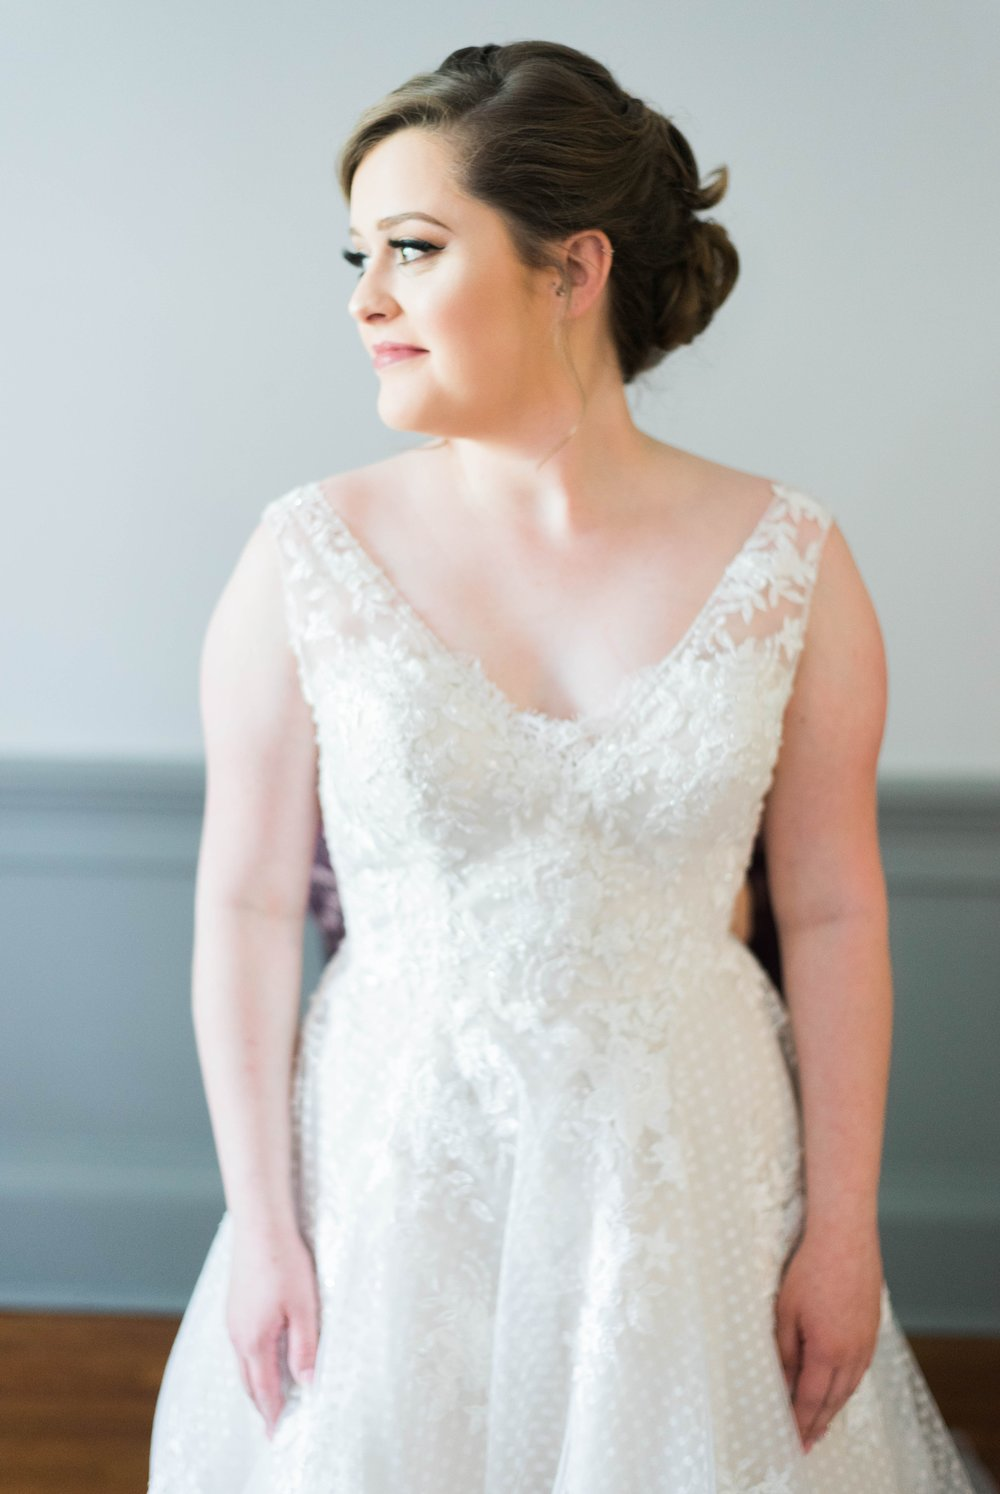 Jillian+Abi_OakridgeEstate_Wedding_VirginiaWeddingPhotographer_SpringWedding 12.jpg